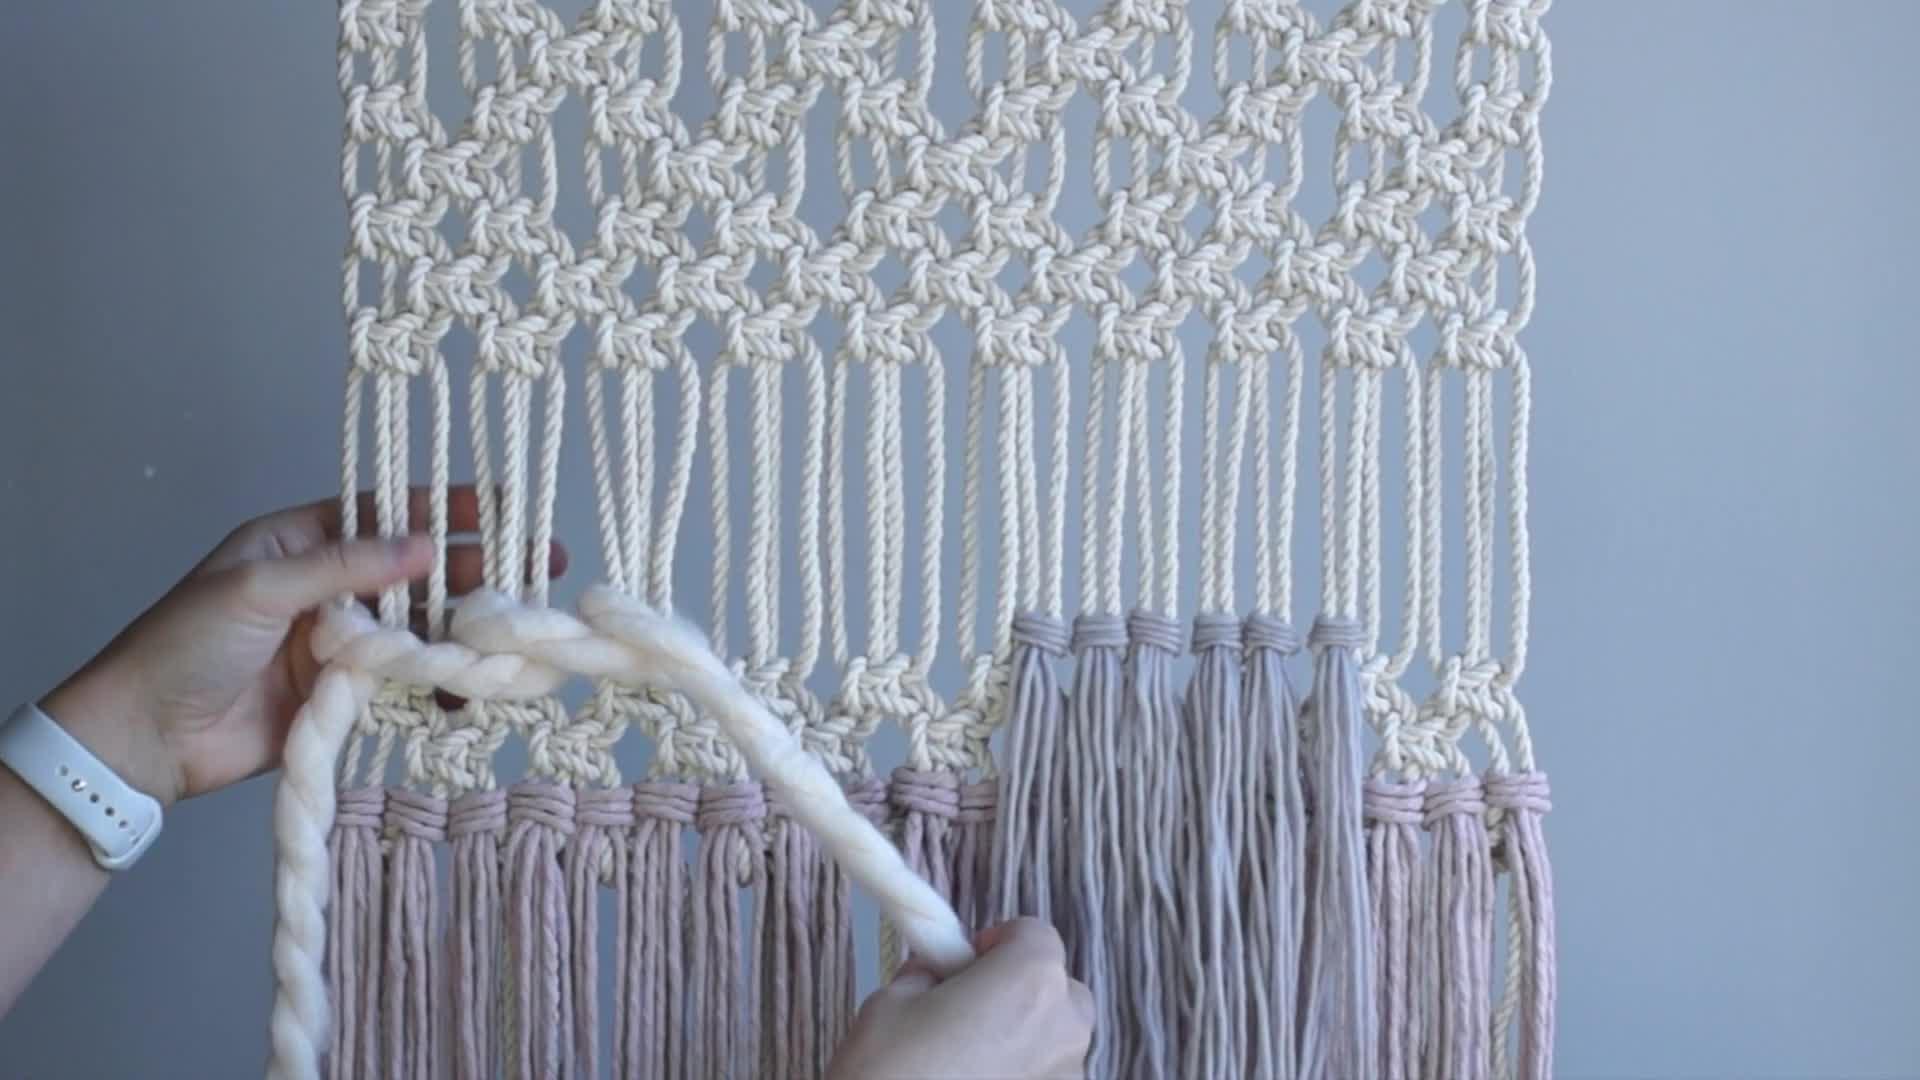 DIY Macrame绳编新手入门教程:绳编与编织结合而成的挂毯(墙挂)